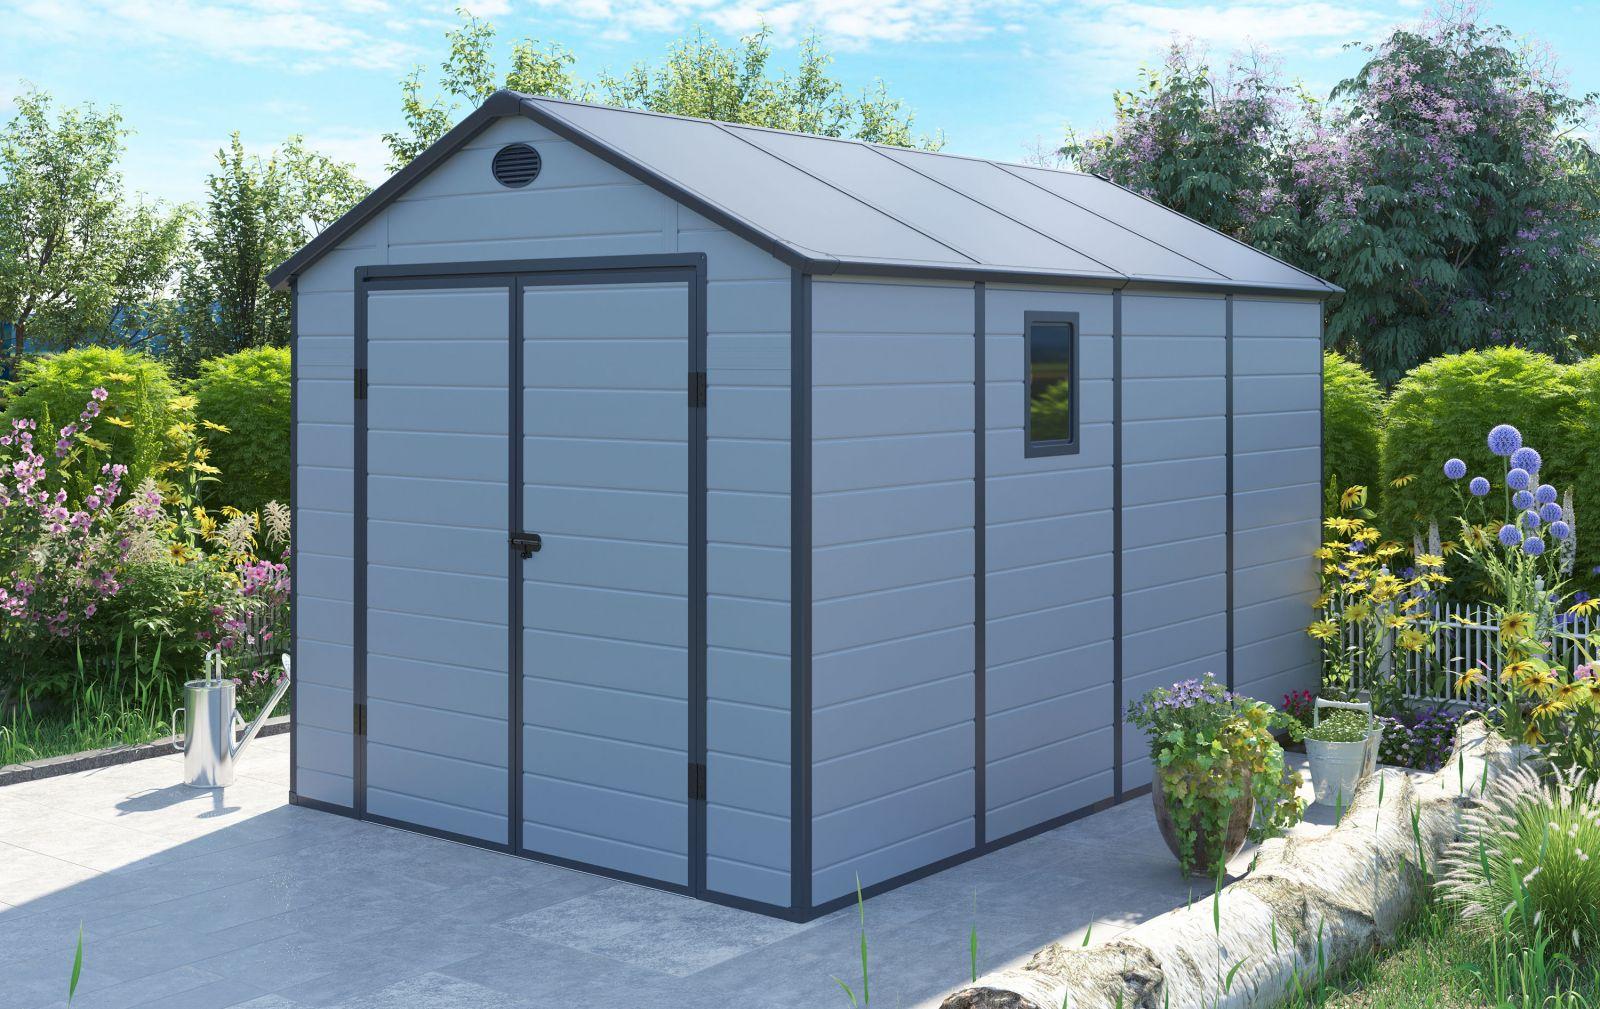 Zahradní domek na nářadí G21 PAH 882 - 241x366 cm plast šedý - světle šedý